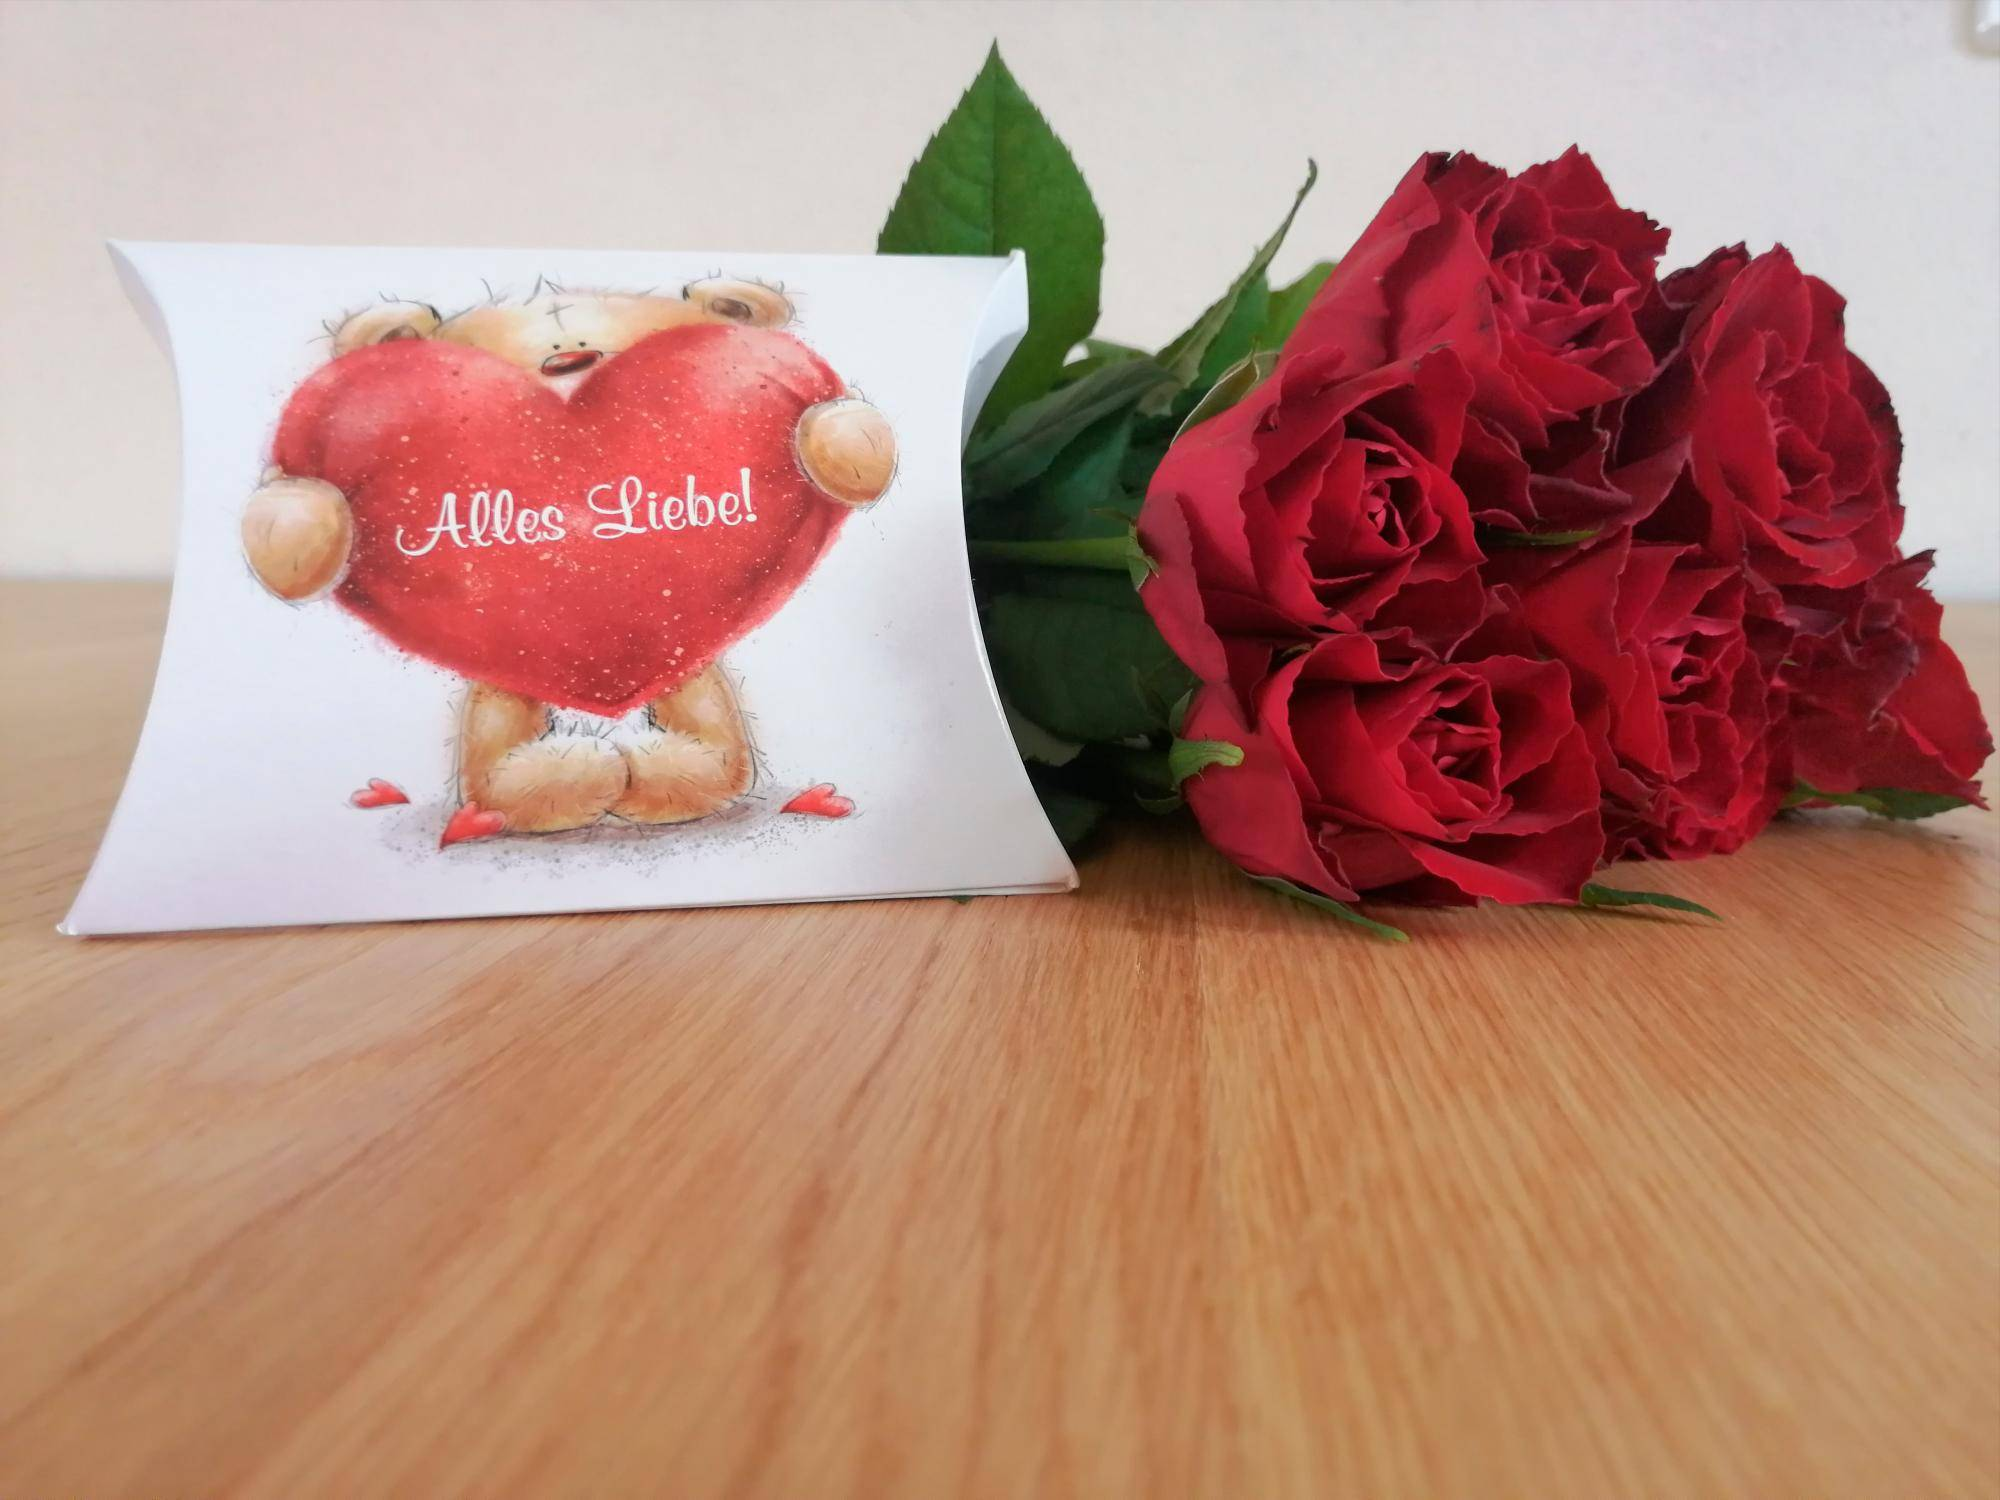 Schenkt wie viele seiner rosen freundin man Wie viele